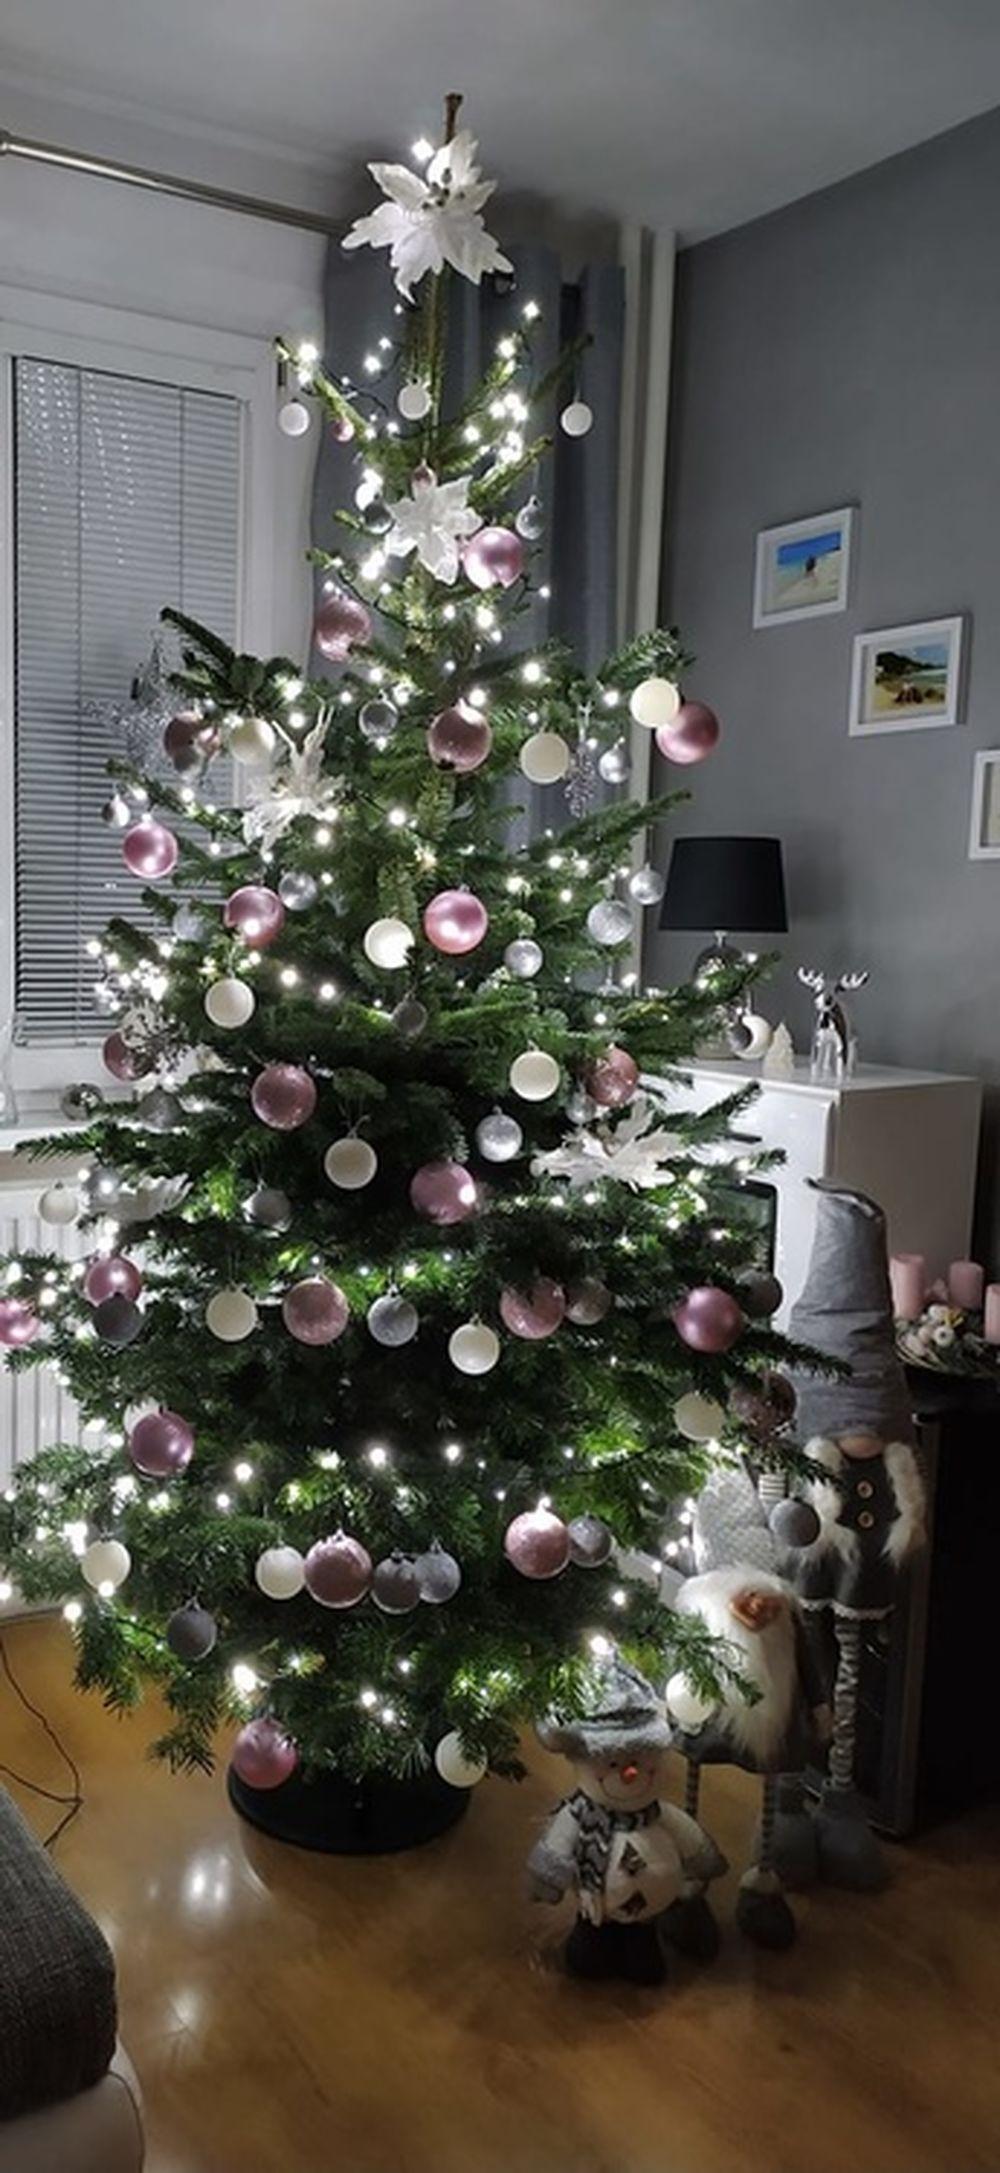 FOTO: Vianočné stromčeky v Žiline - výber fotografií našich čitateľov, foto 40